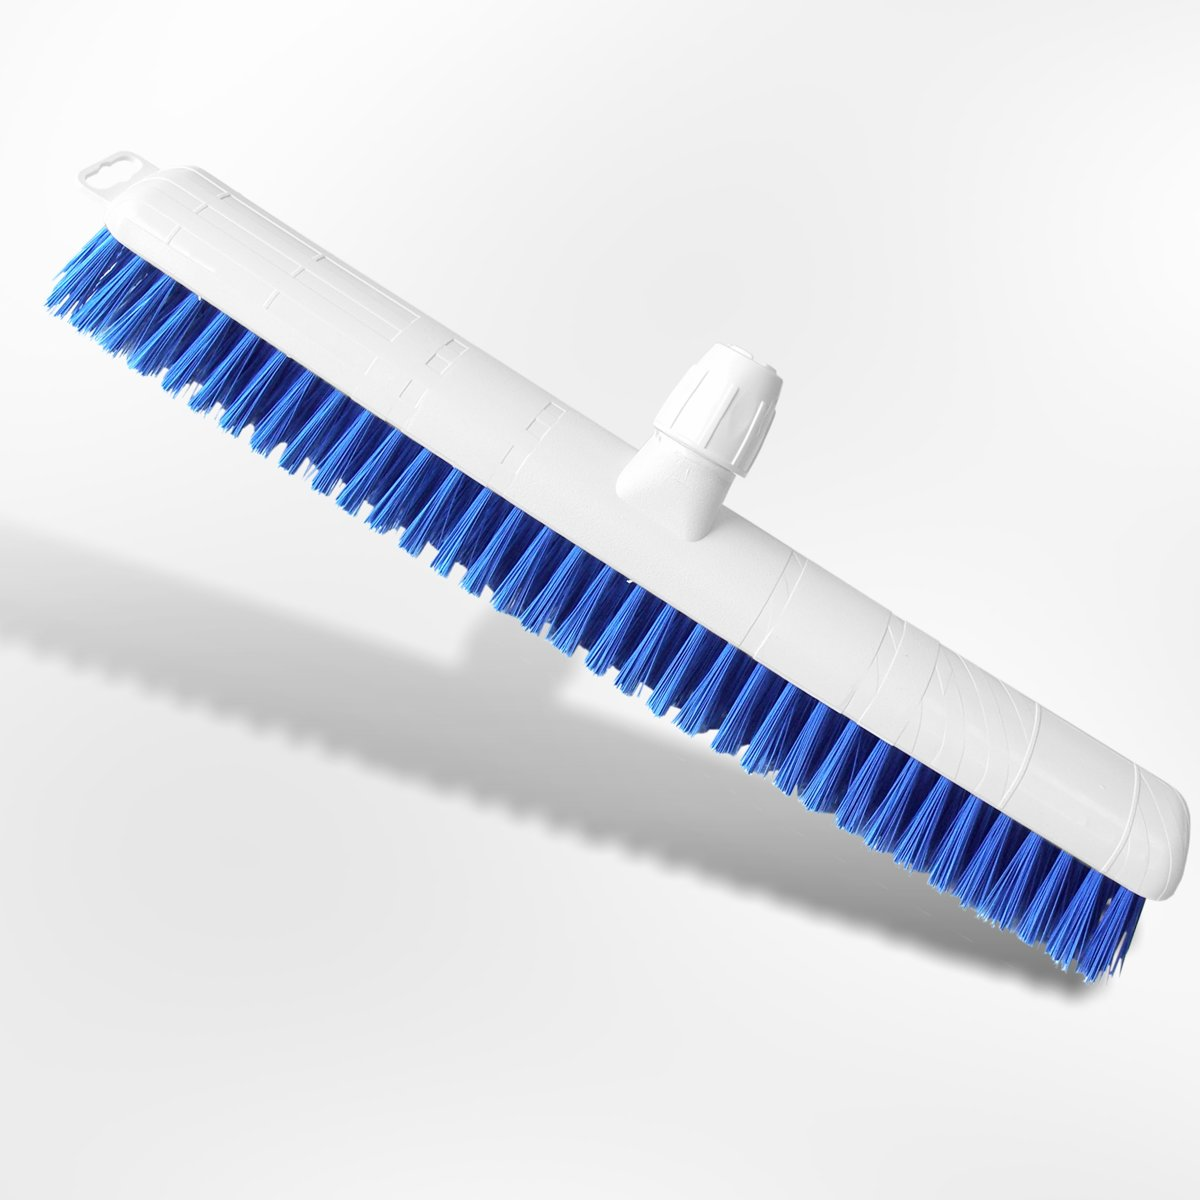 Hygiënische schrobborstel 50 cm met blauwe schuurborstel harde haren van 0.6 mm kopen